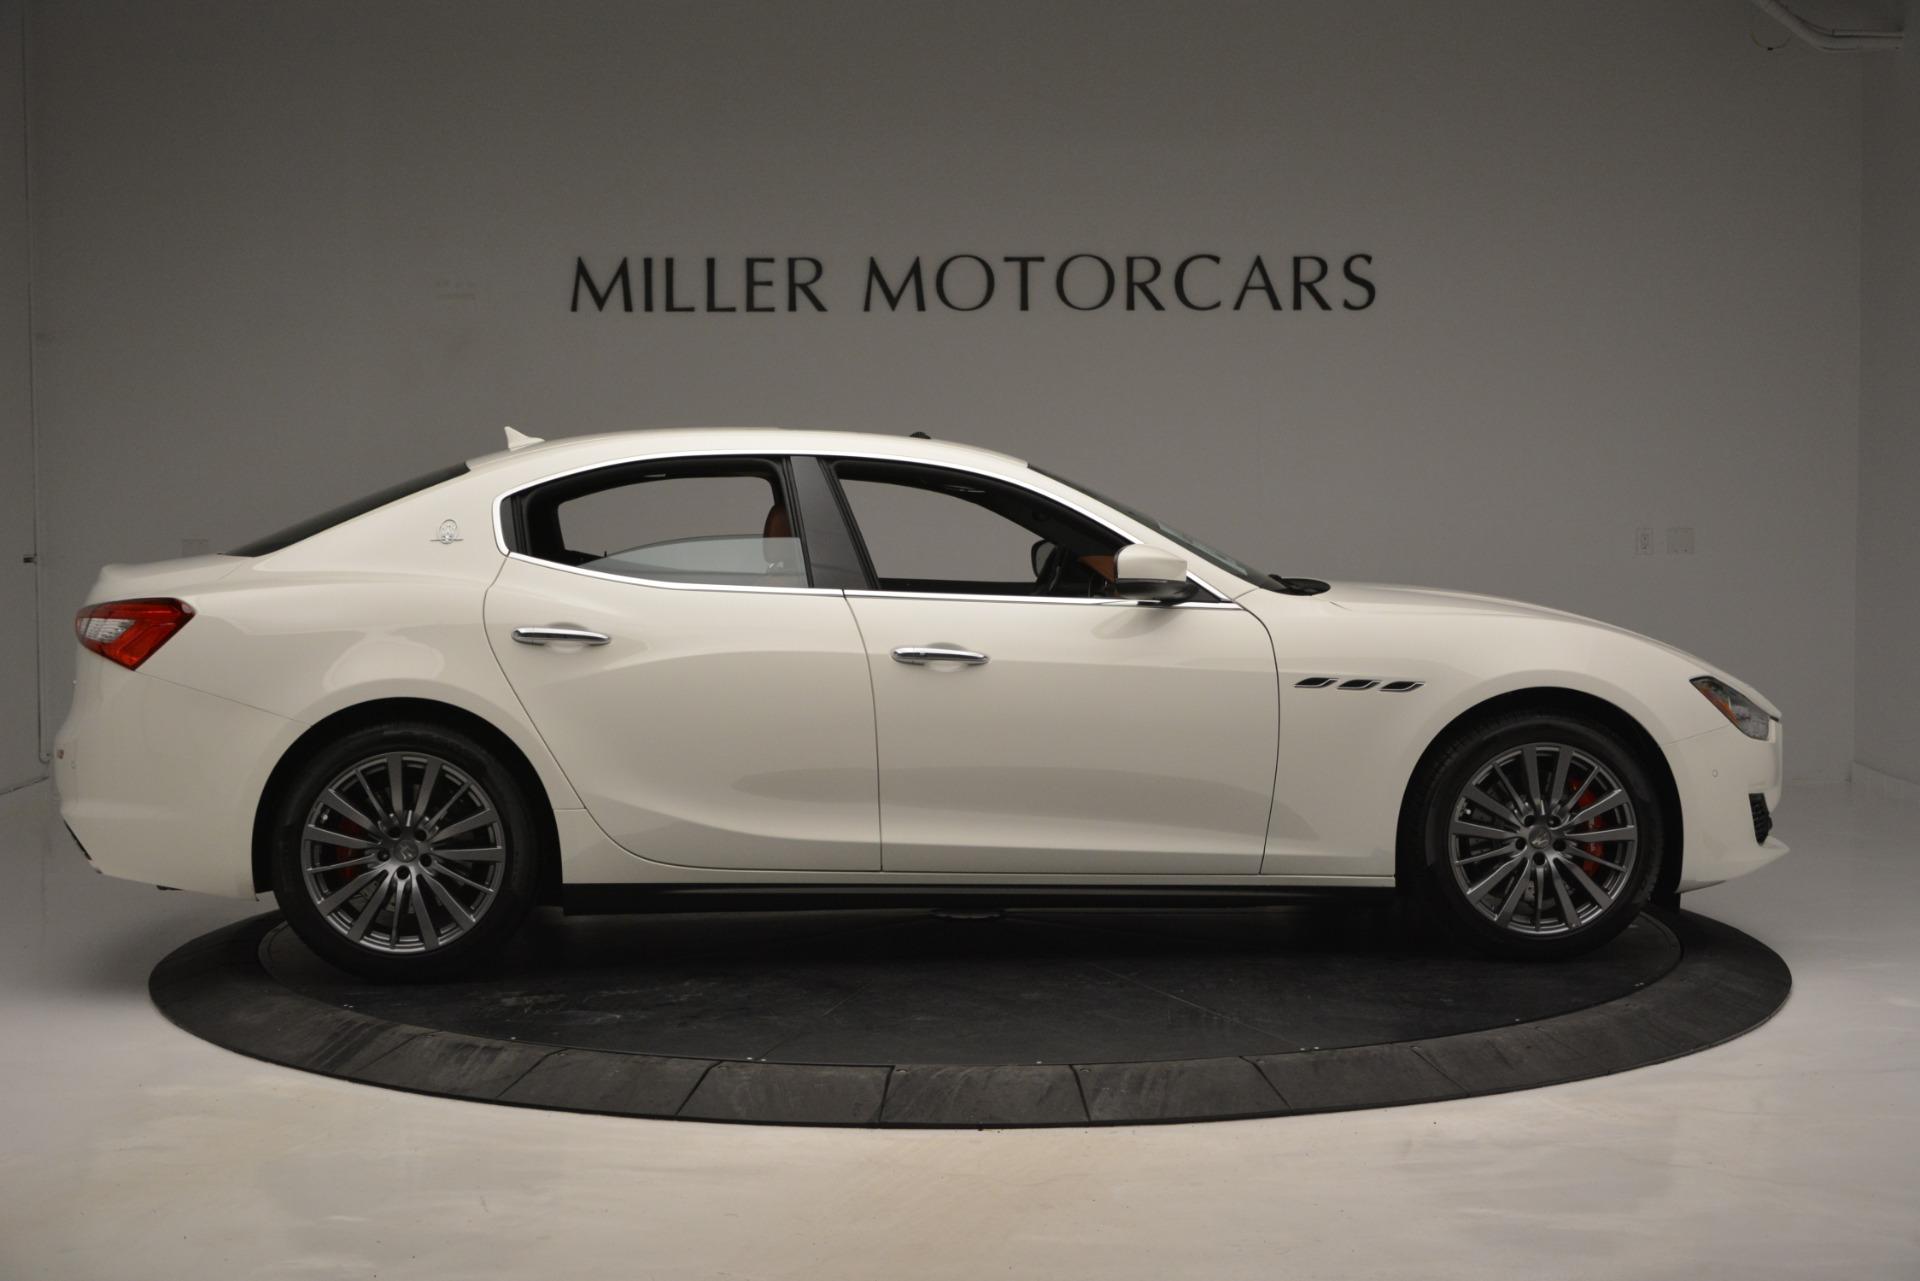 New 2019 Maserati Ghibli S Q4 For Sale In Greenwich, CT 2795_p12